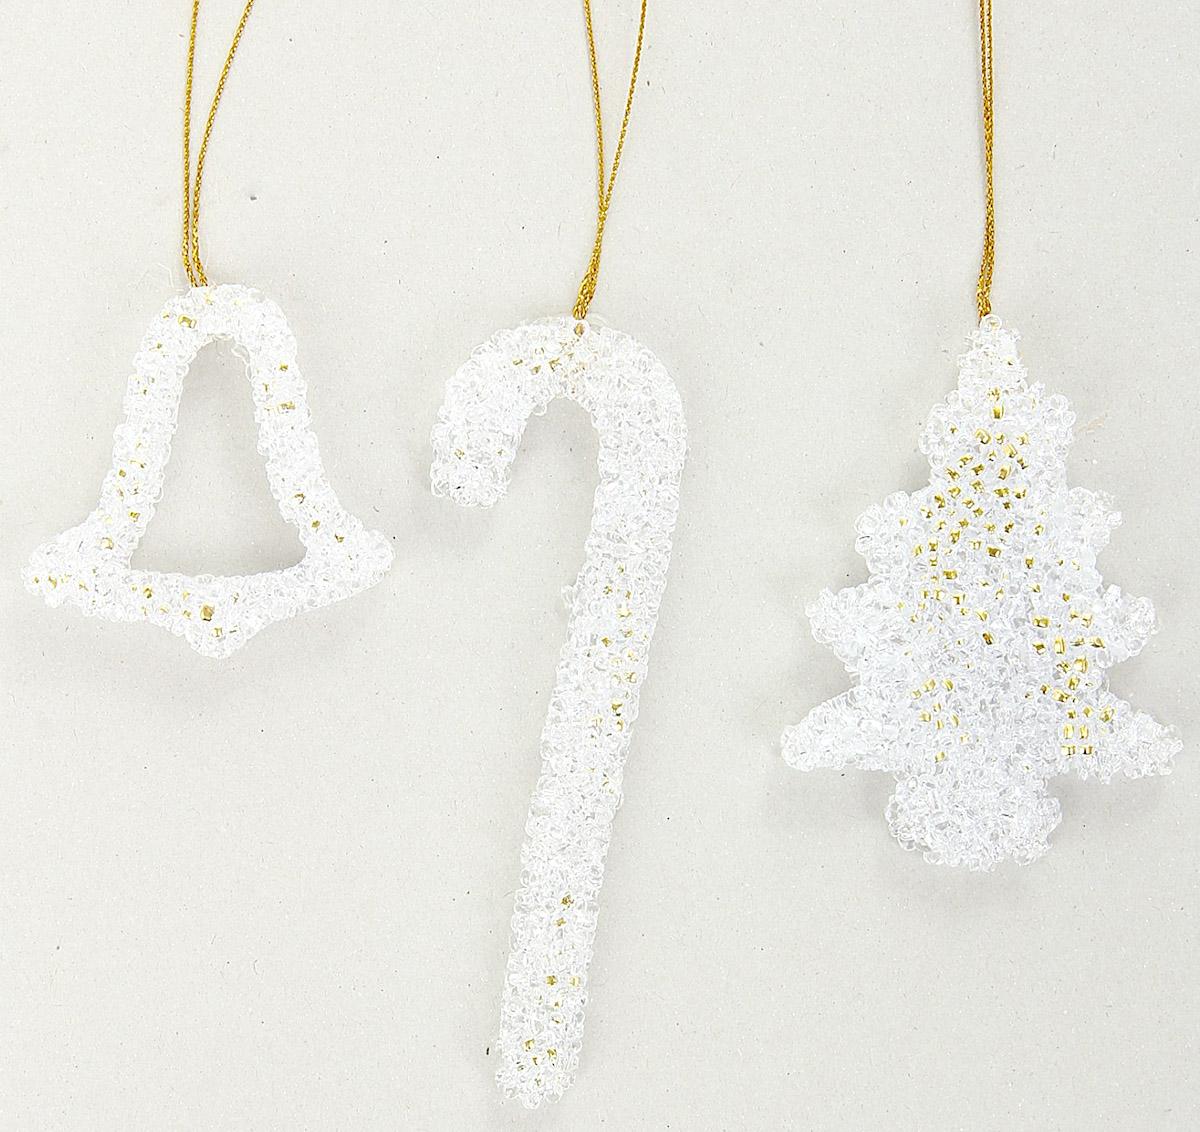 """Новогоднее украшение """"Sima-land"""" отлично подойдет для декорации вашего дома и новогодней ели. Украшение оснащено специальной петелькой для подвешивания. Елочная игрушка - символ Нового года. Она несет в себе волшебство и красоту праздника. Такое украшение создаст в вашем доме атмосферу праздника, веселья и радости."""